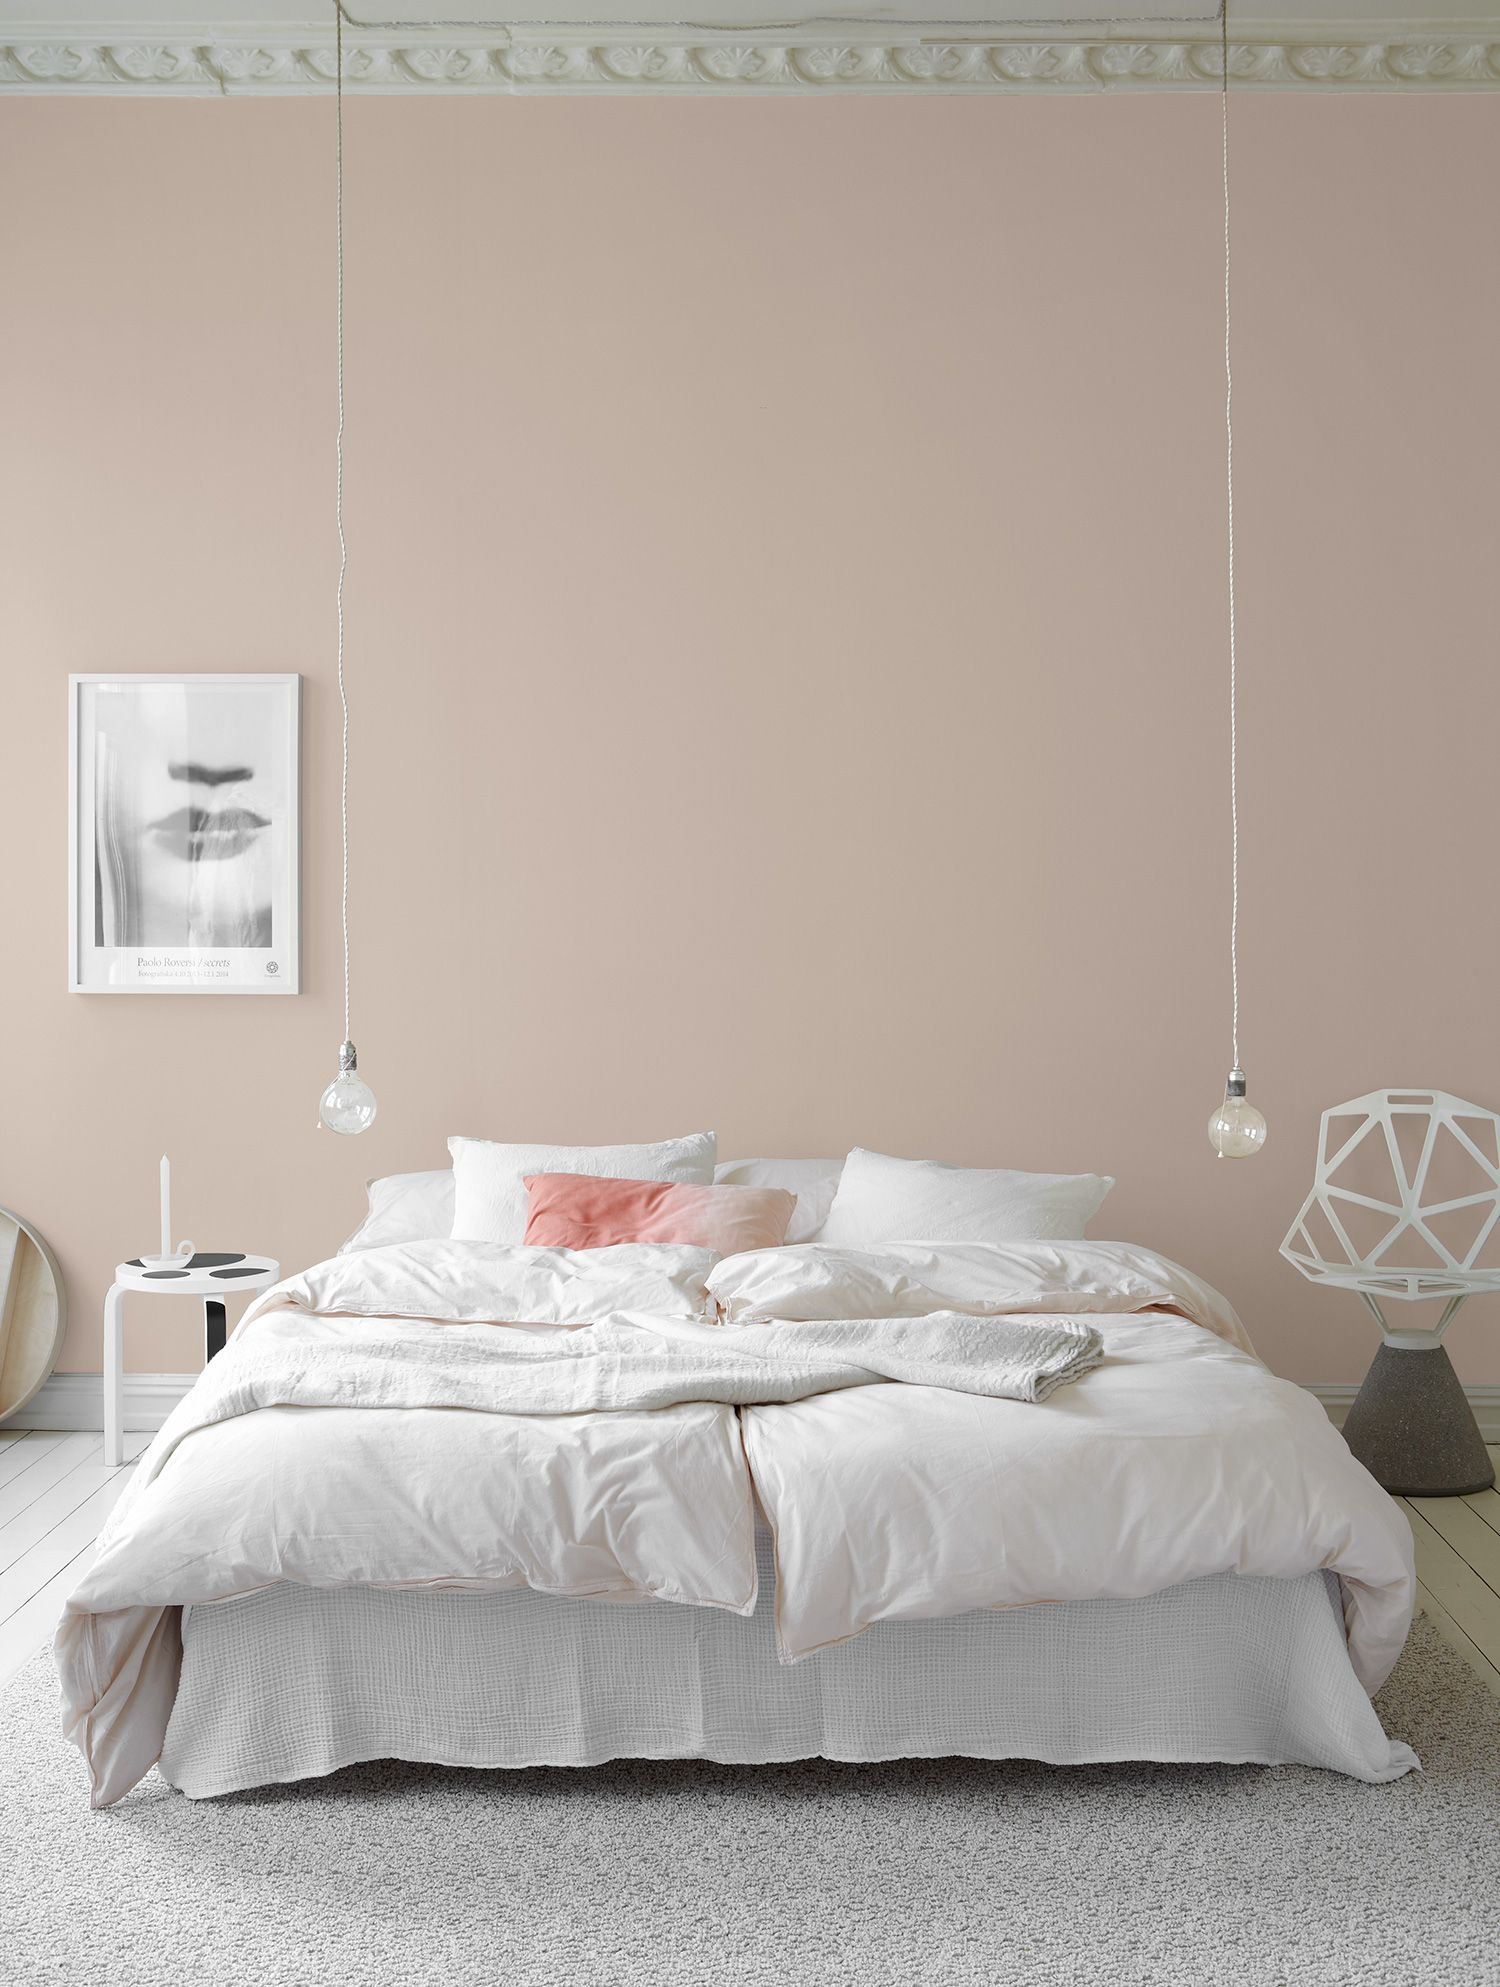 couleur mur chambre bianca our house maison deco et couleurs maison. Black Bedroom Furniture Sets. Home Design Ideas